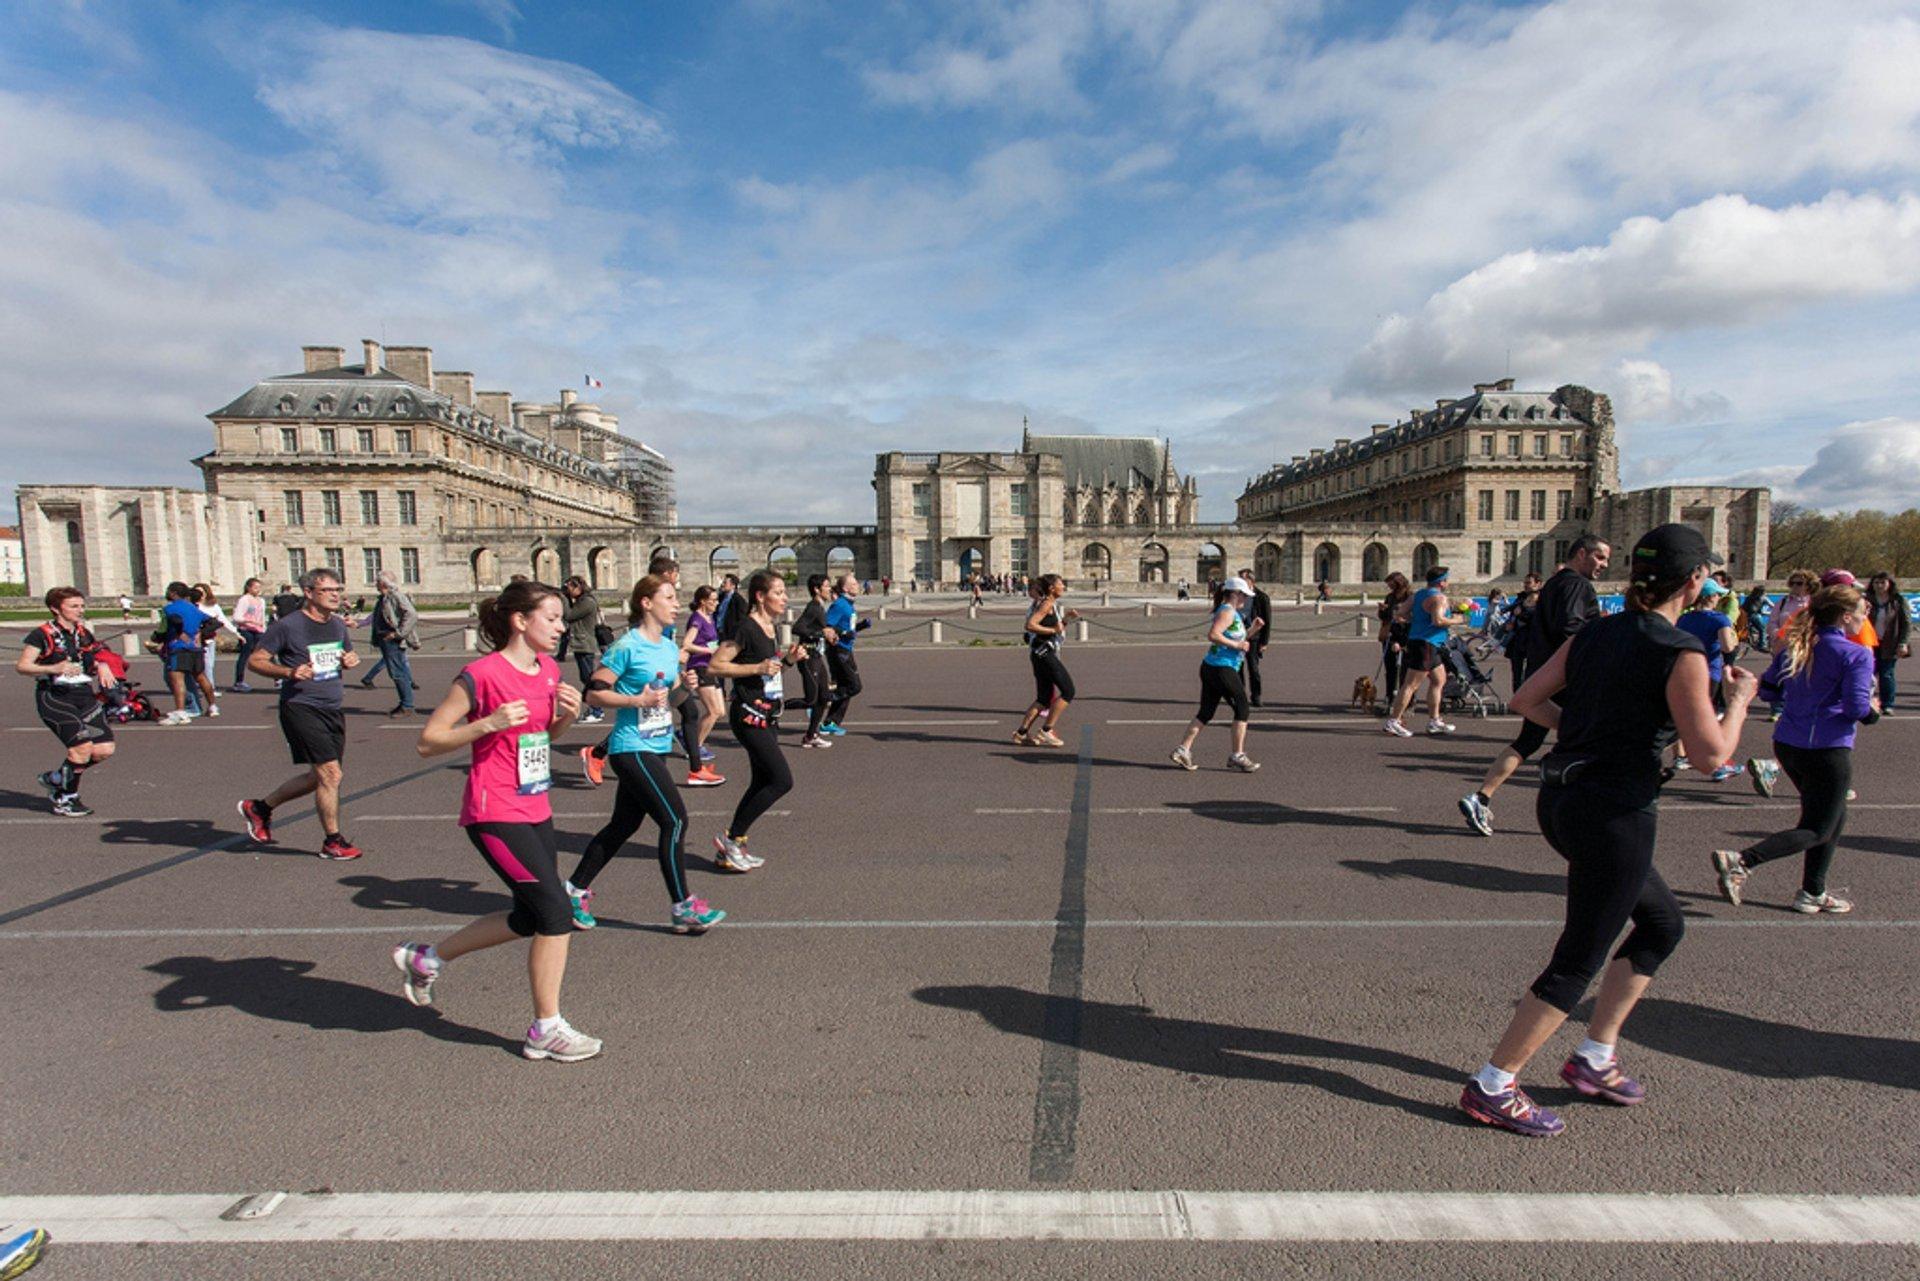 Marathon de Paris in Paris - Best Season 2020